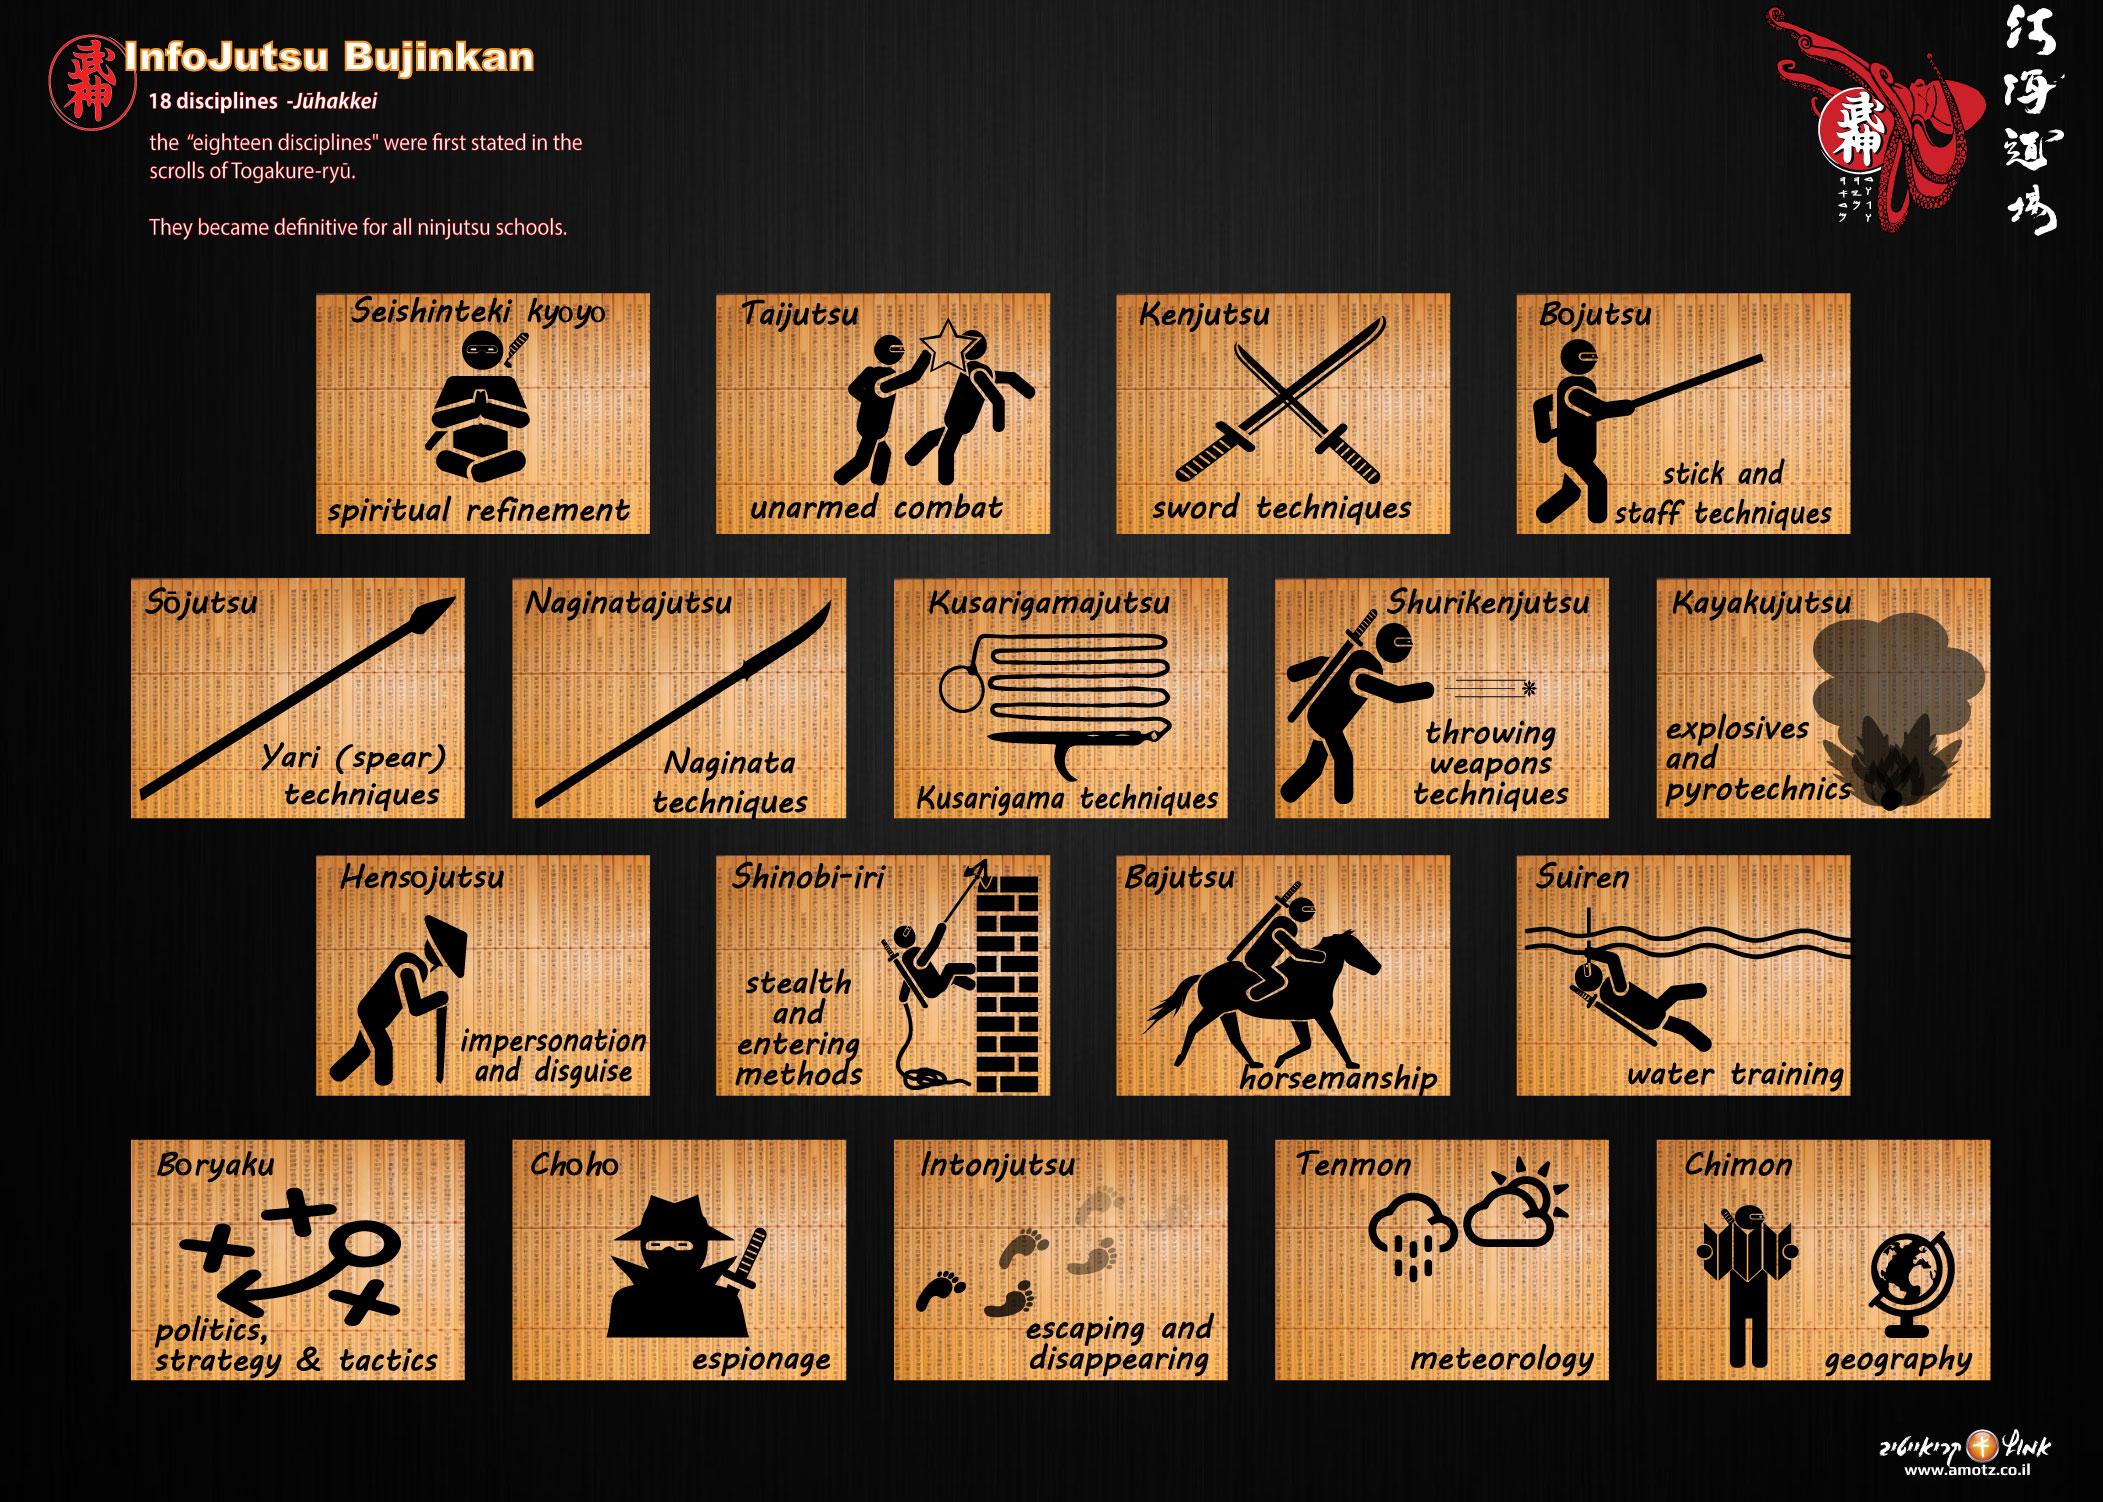 18 disciplines